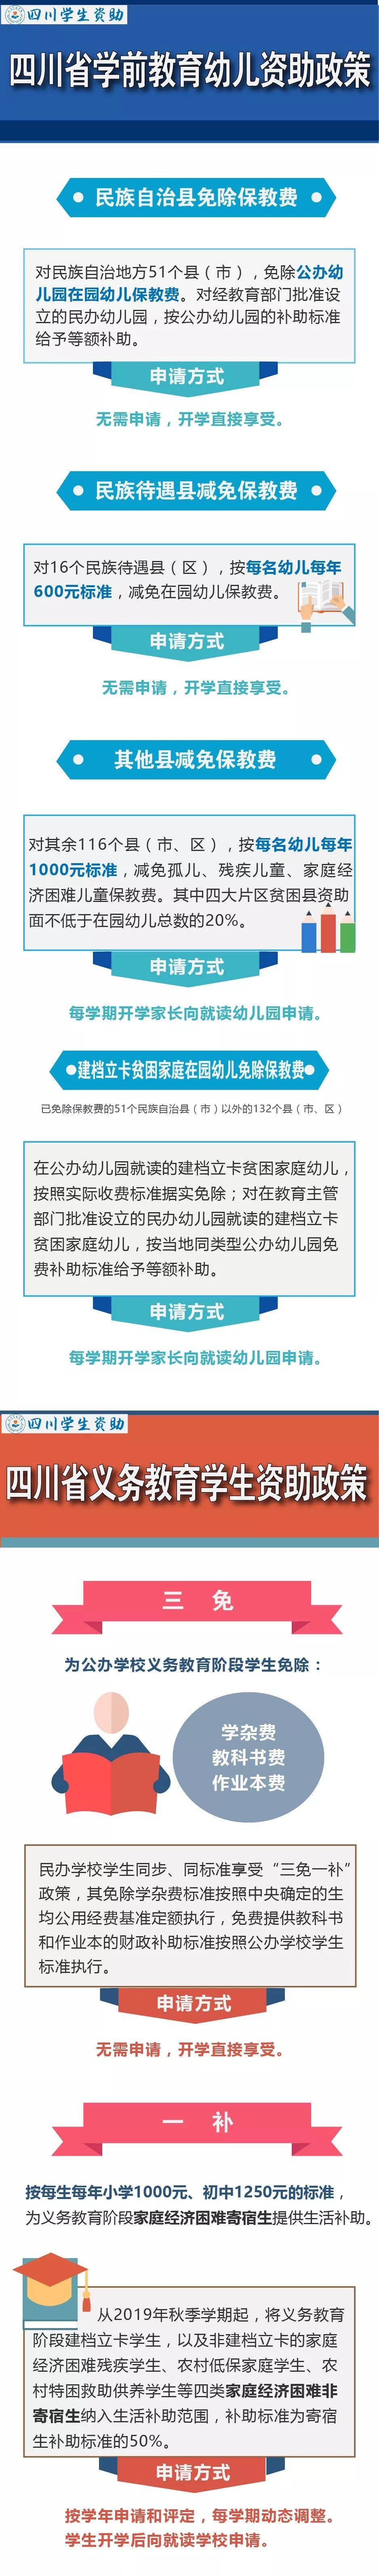 四川省�W前教育和�x�战逃��A段�Y助政策,�@些�M用可以�p免!